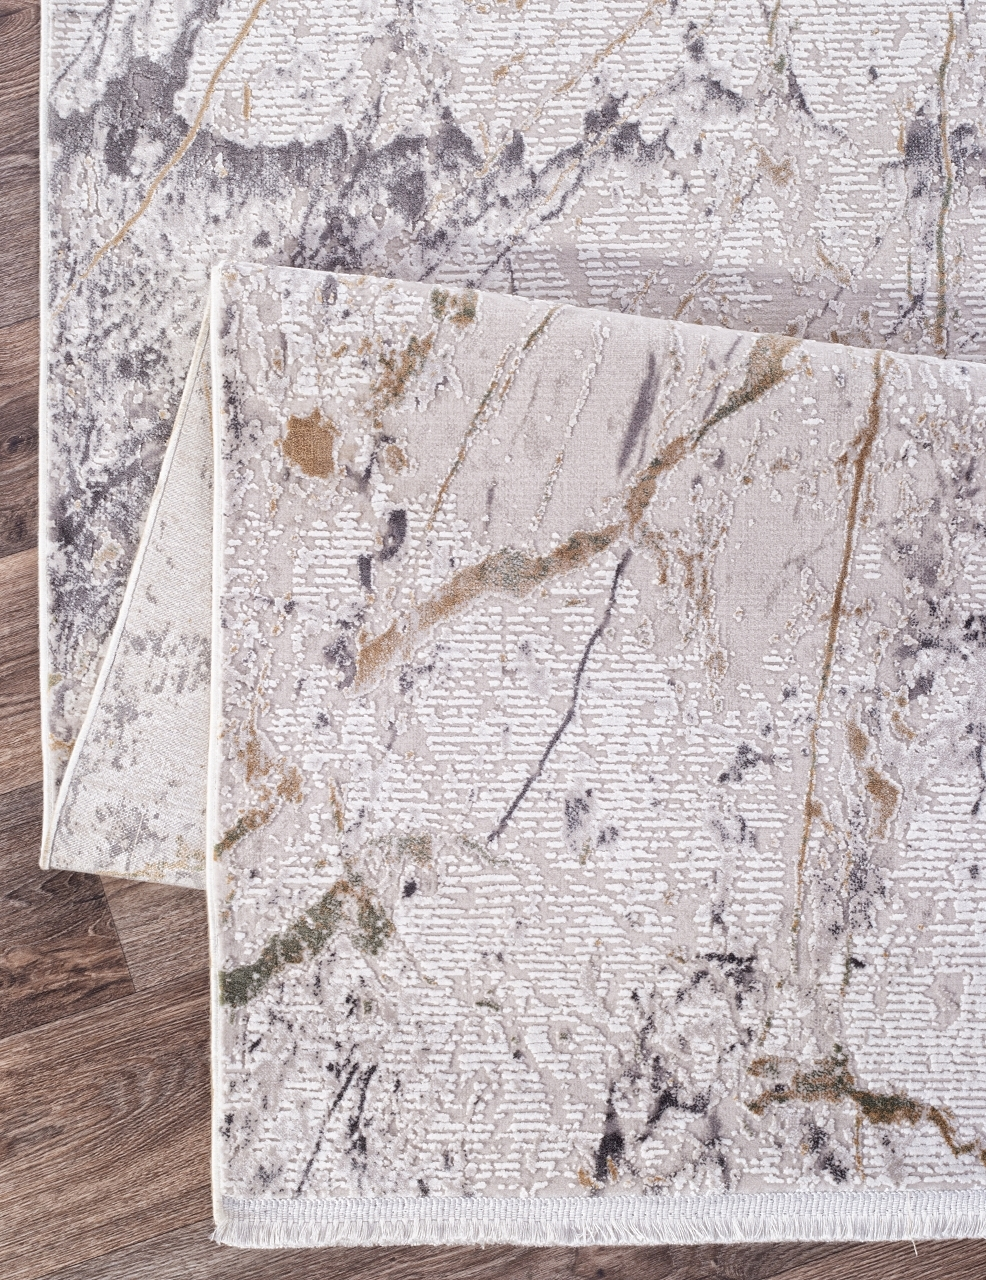 Ковер 19141 - 096 GREY - Прямоугольник - коллекция CREANTE - фото 4